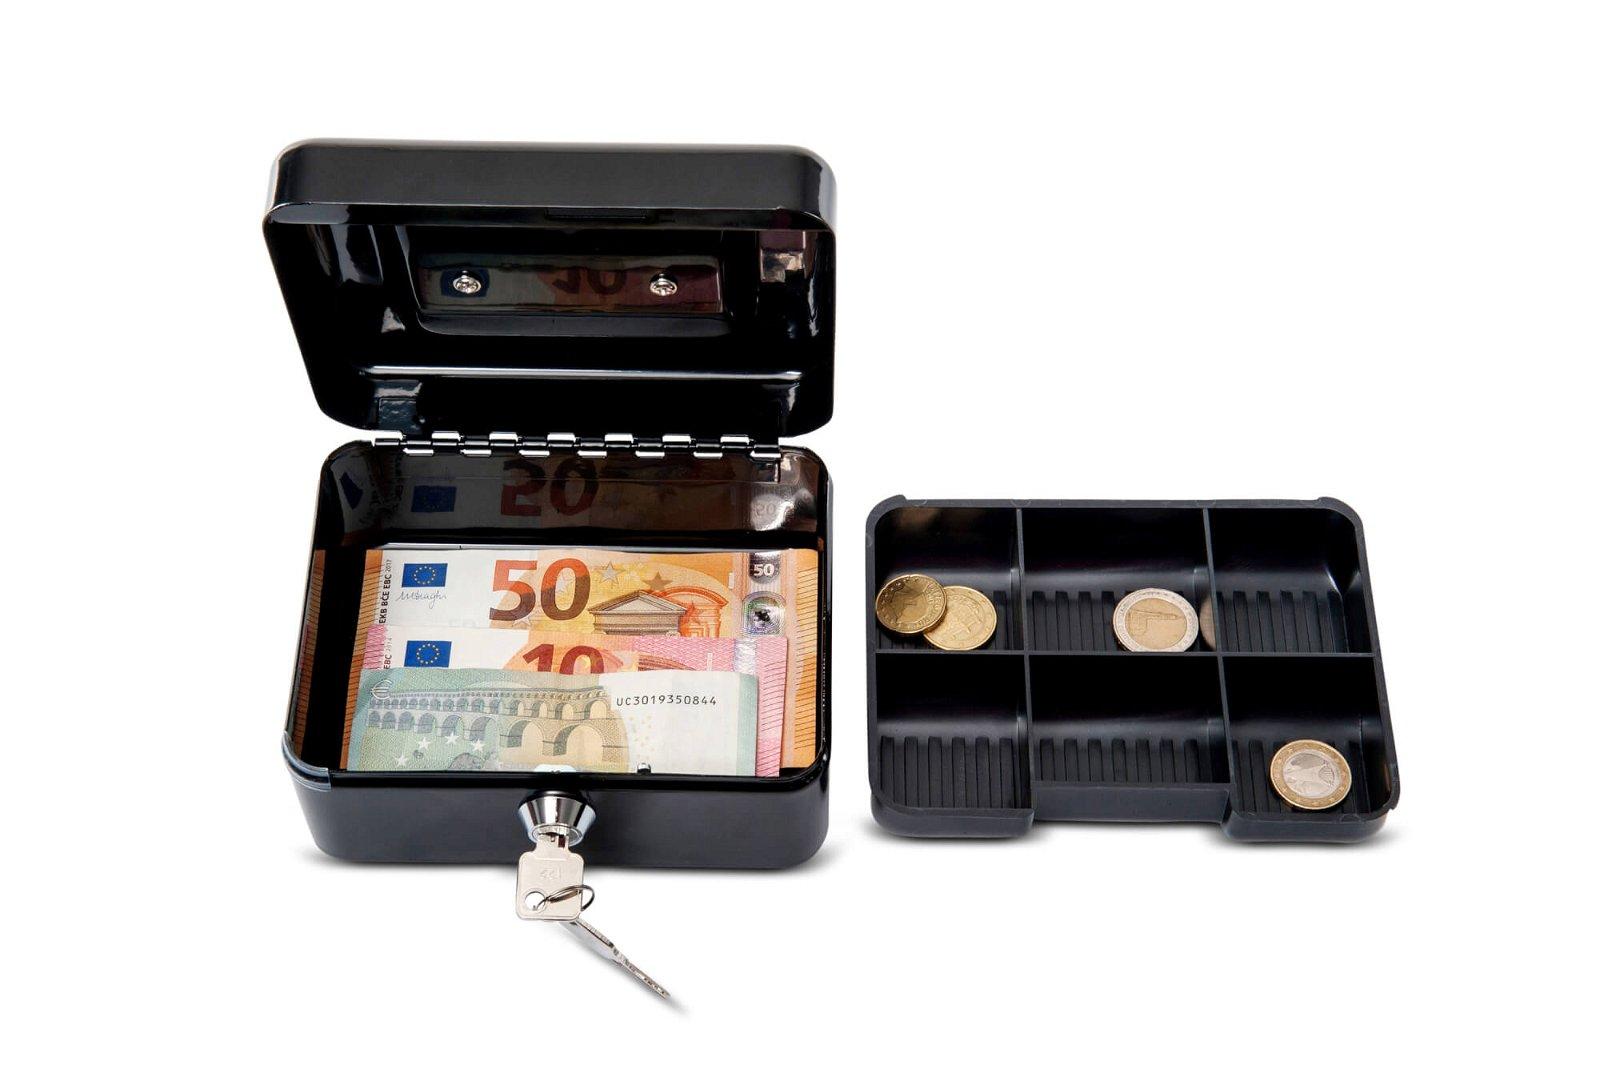 Geldkassette 1, 15,2 x 12,5 x 8,1 cm, silber